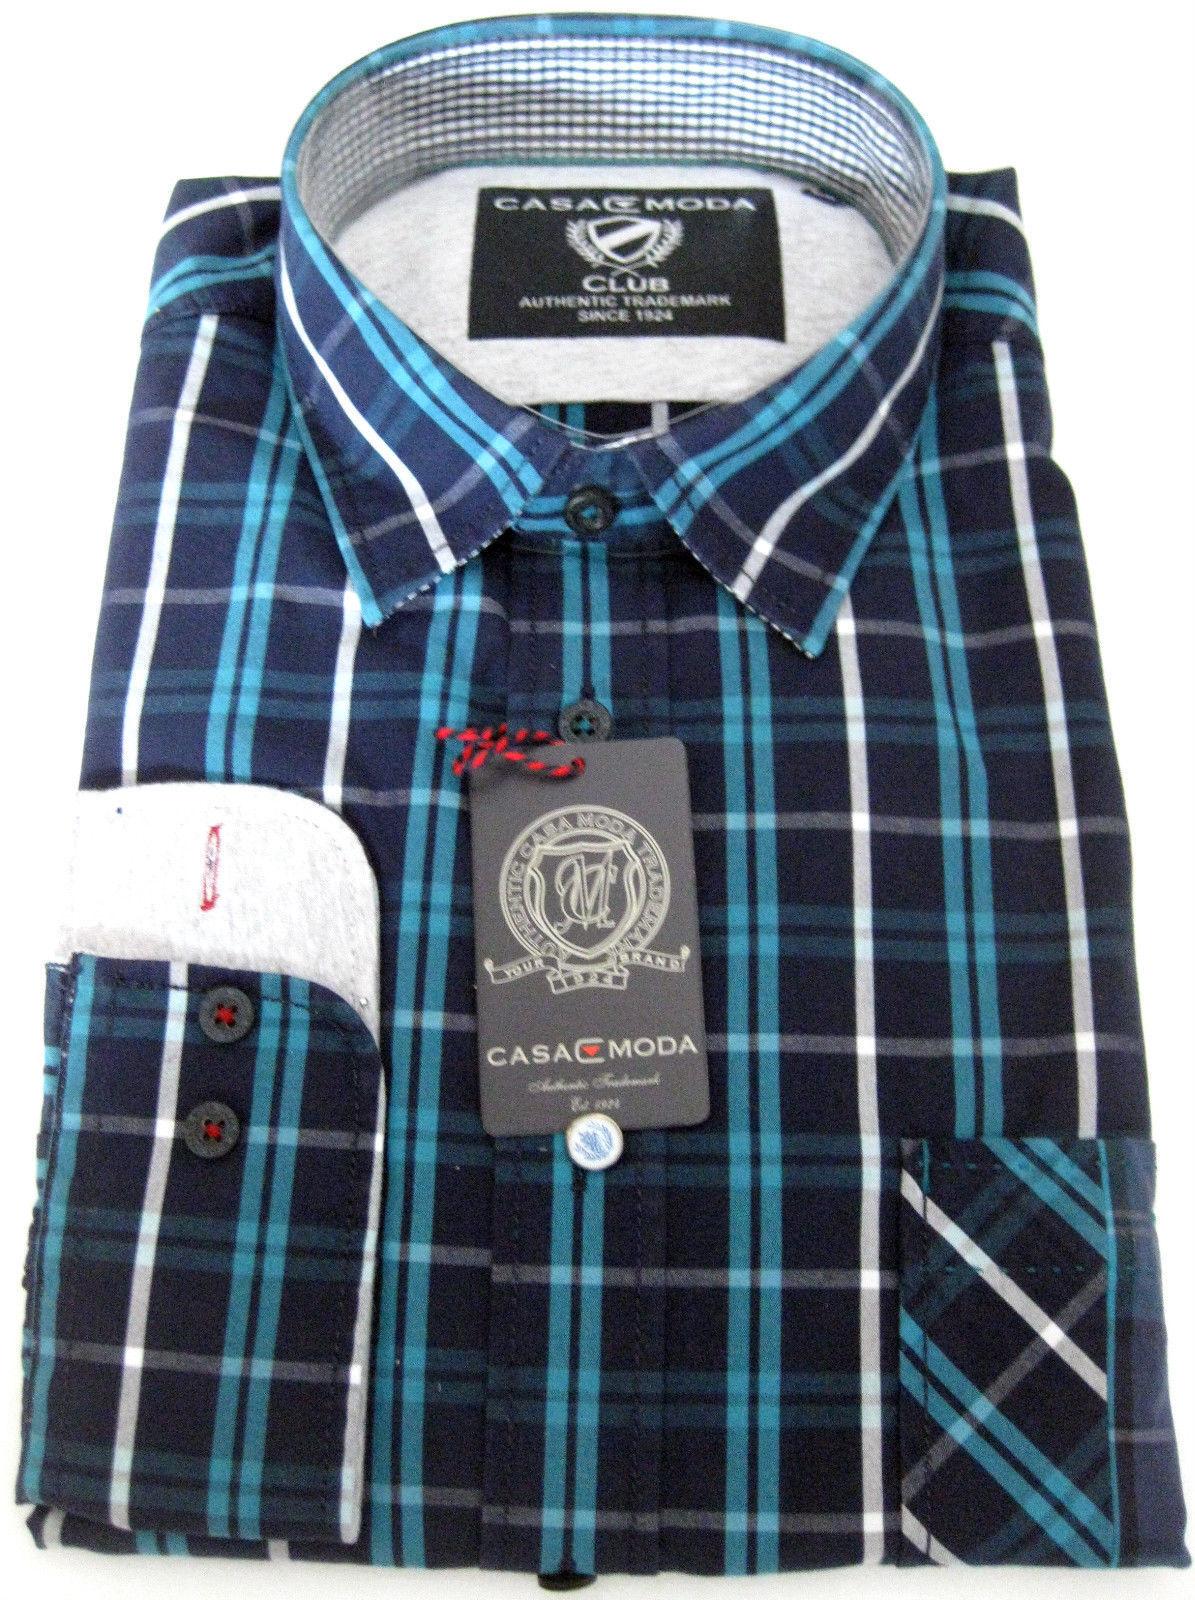 Casa MODA CLUB EDITION Camicia Quadri Camicia Tempo Libero Camicia Camicia Camicia Navy Turchese A Quadri M o XL 8aeea1